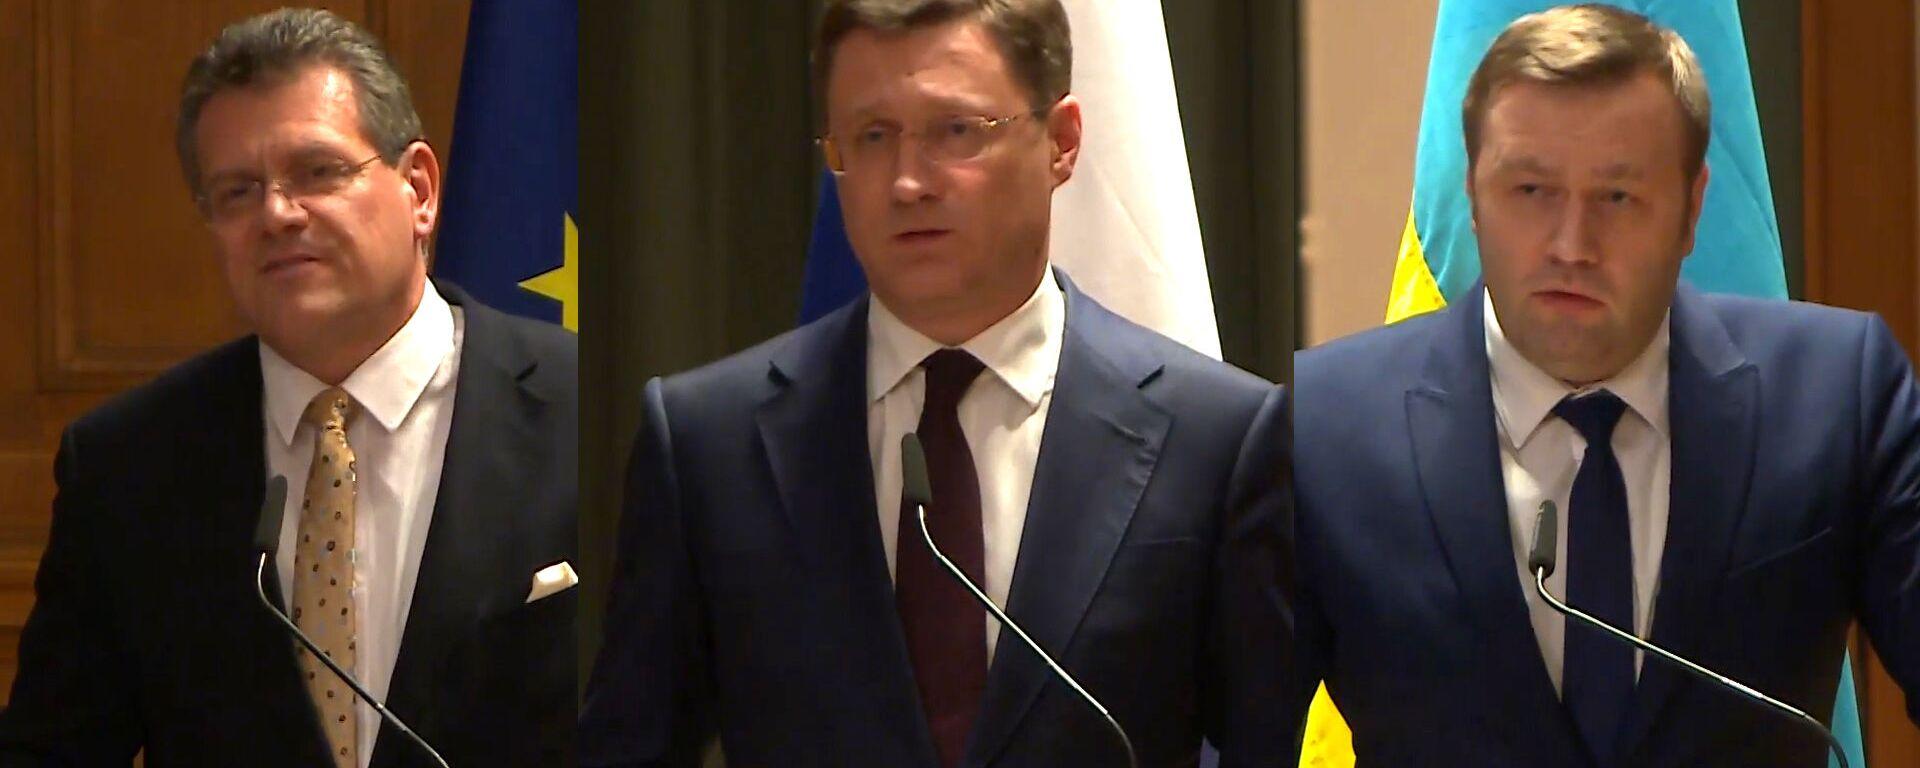 Россия и Украина достигли соглашения по транзиту газа на переговорах в Германии - Sputnik Грузия, 1920, 21.12.2019